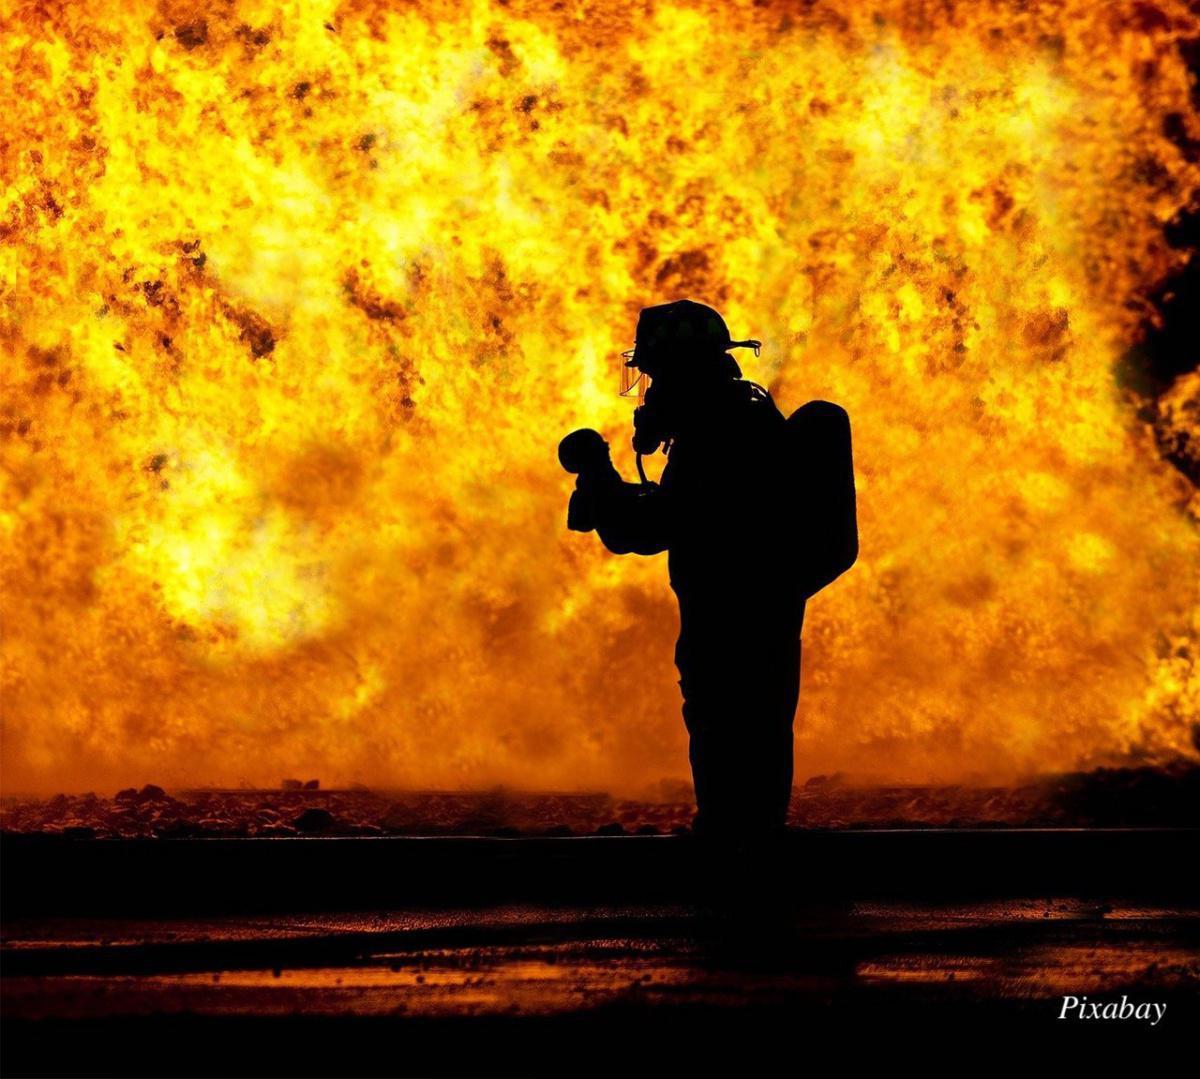 Sapeur-pompier professionnel ayant, pour raisons personnelles d'ordre politique, refusé de participer à l'hommage organisé pour les victimes d'attentats